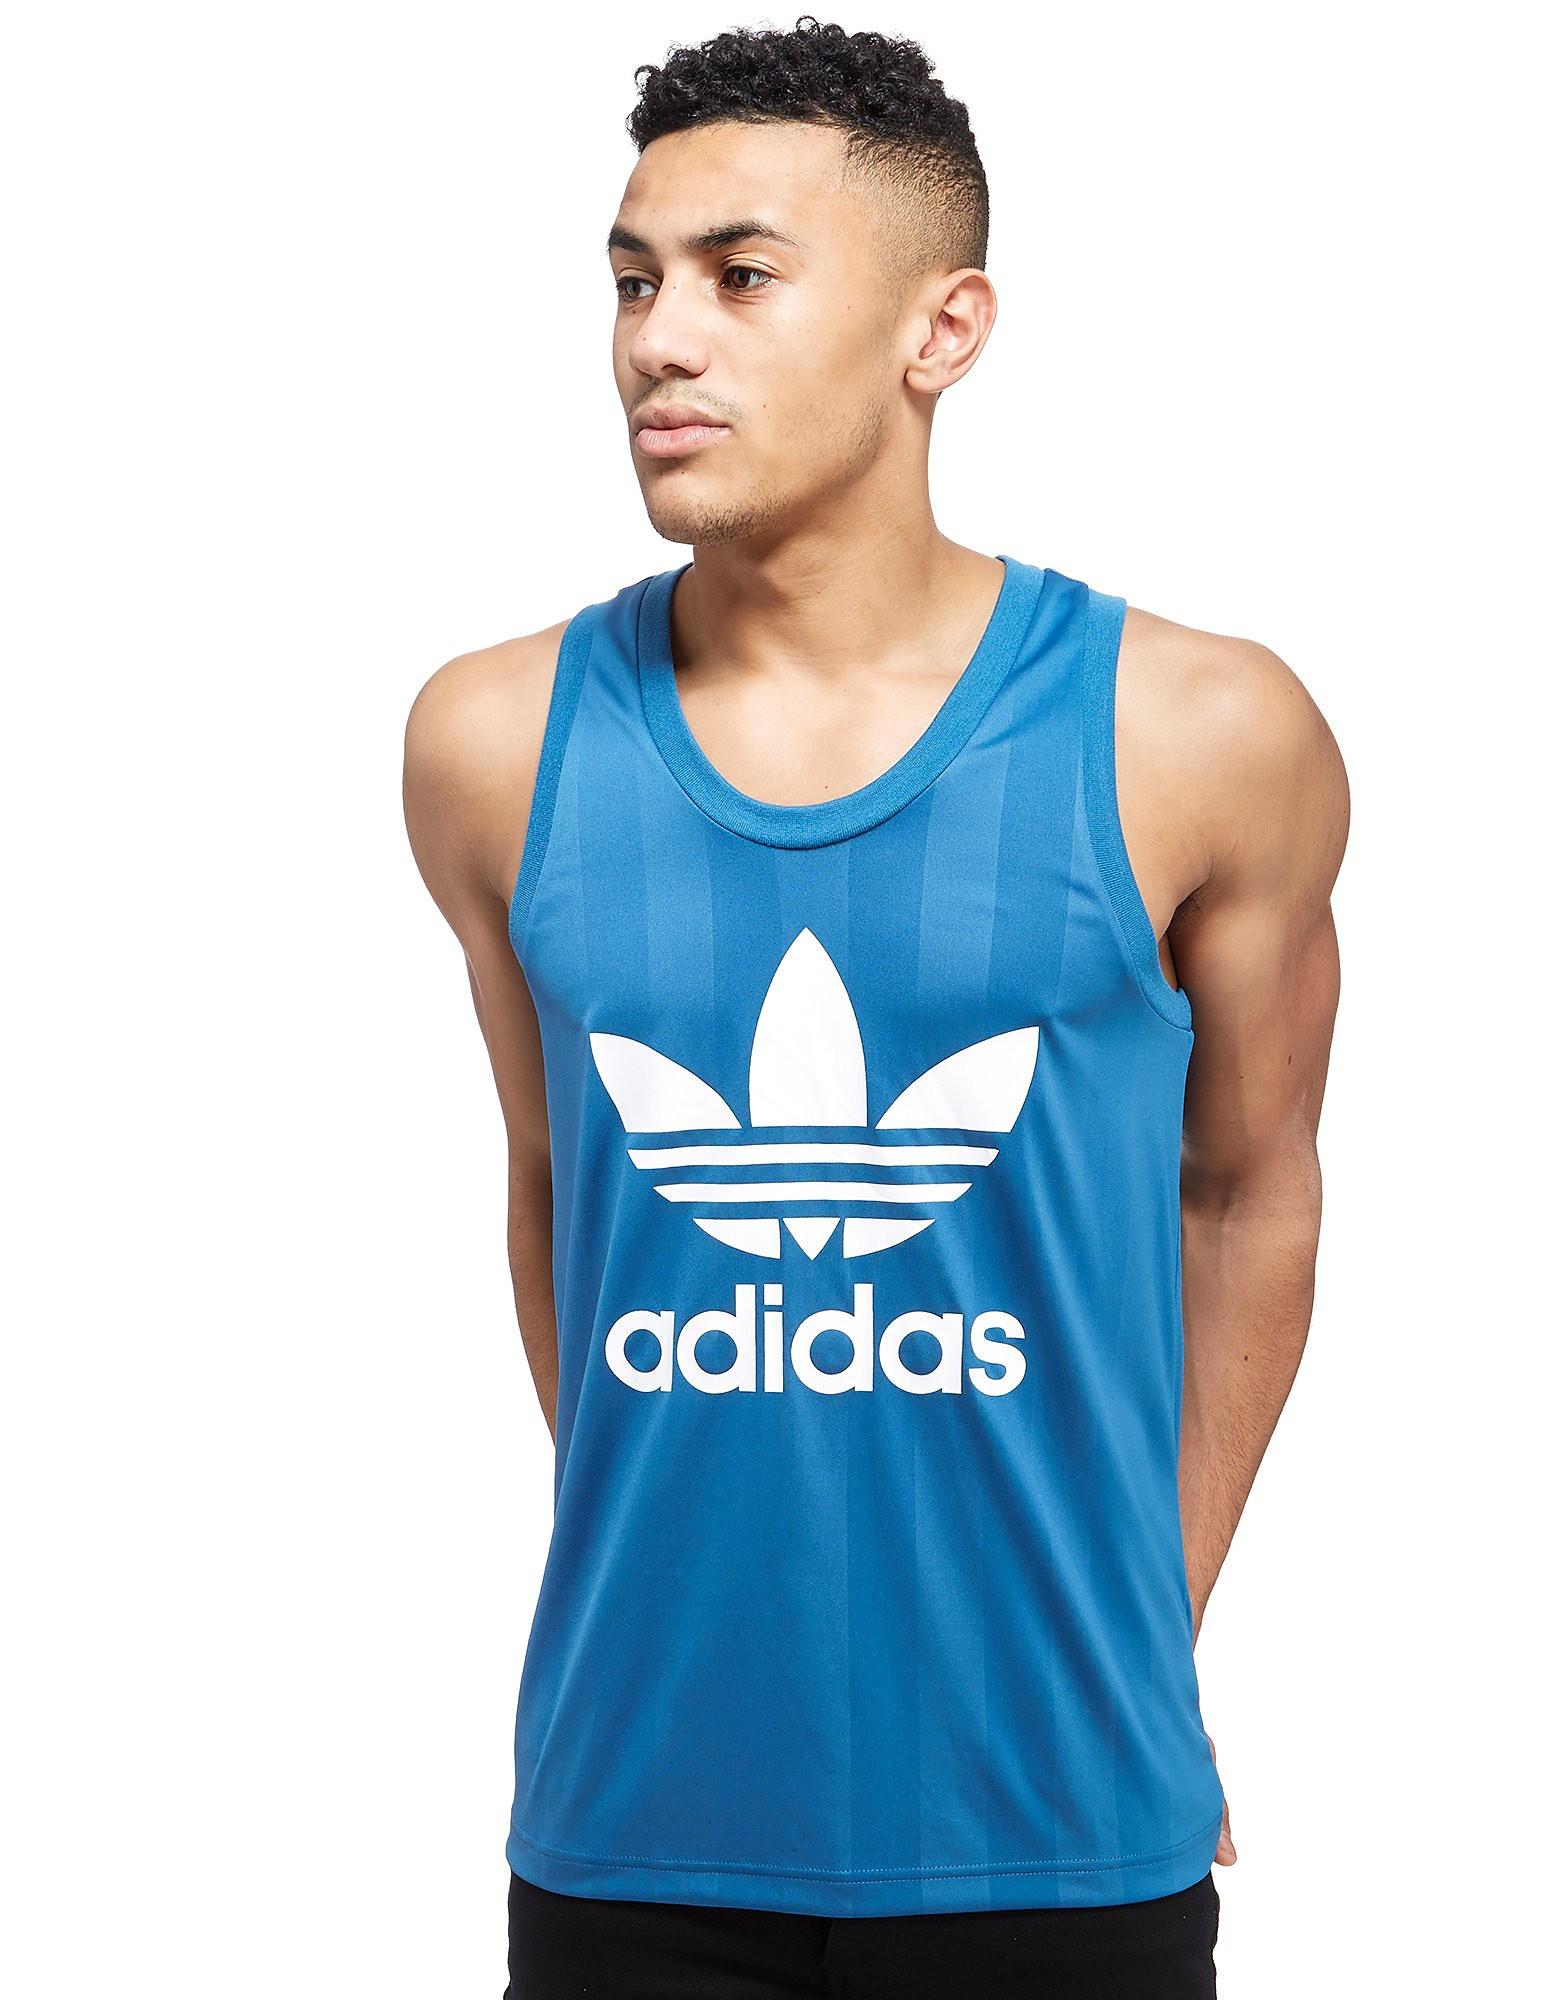 adidas Originals California Vest